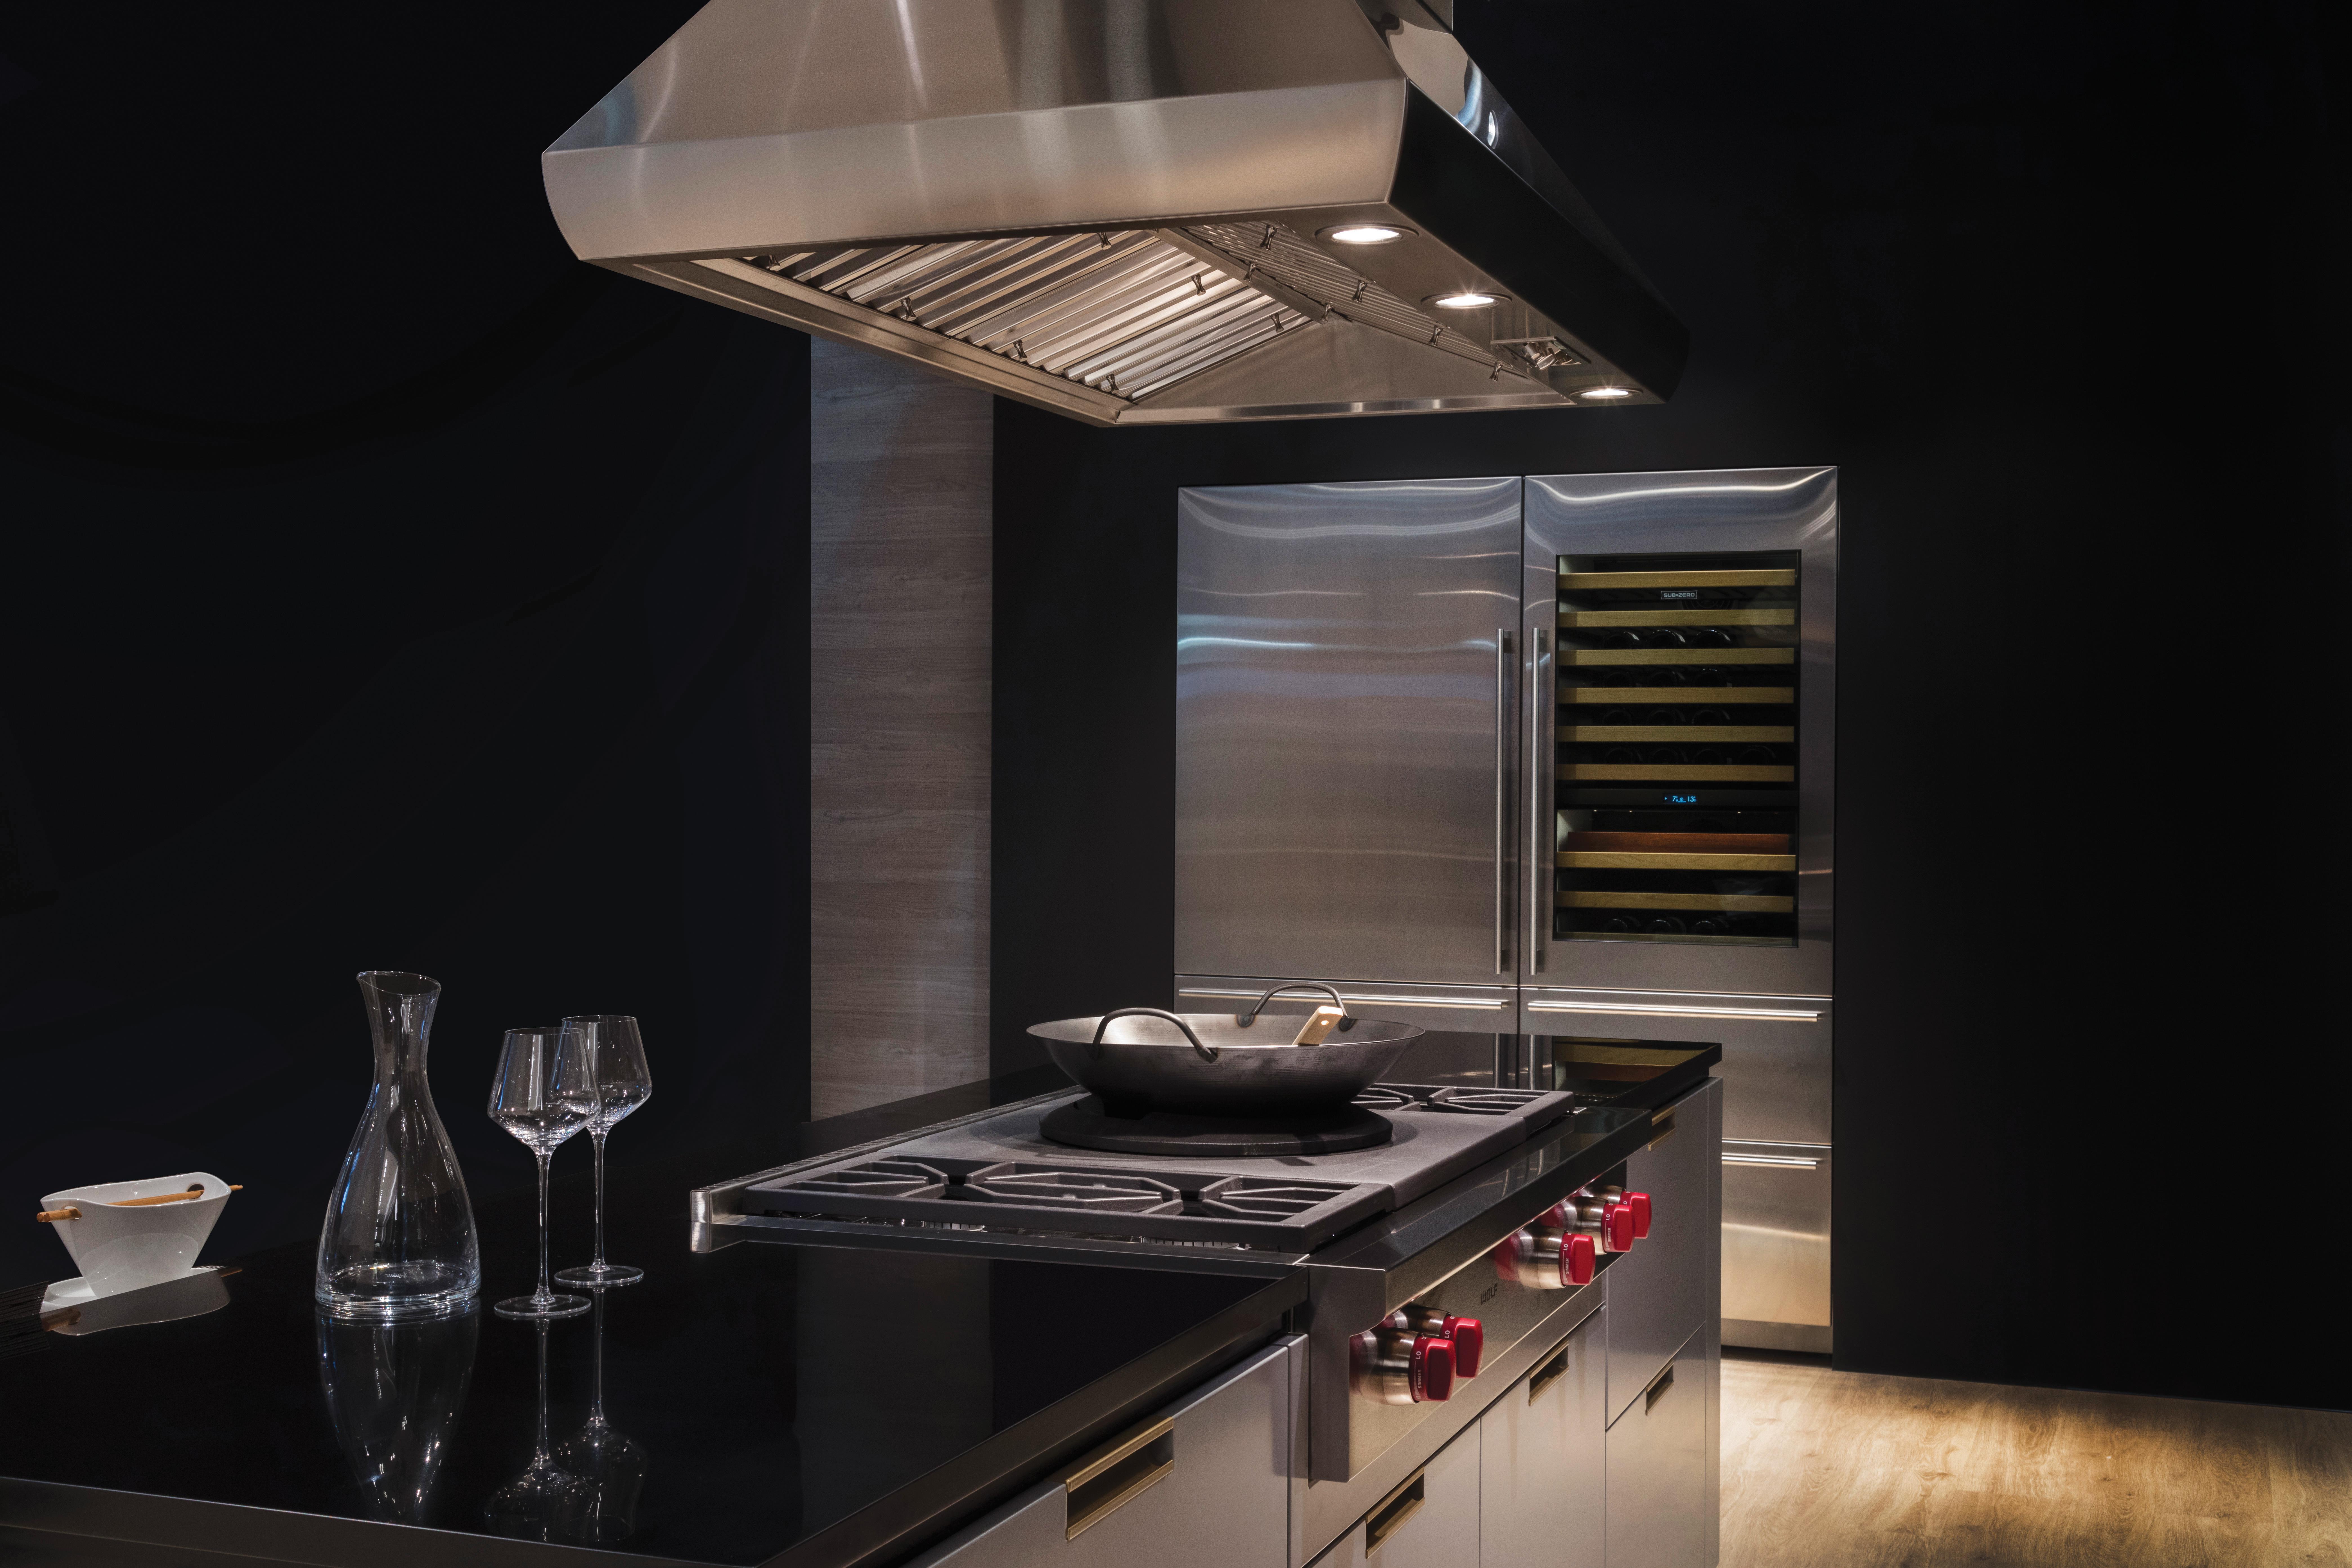 EuroCucina 2018: всё, что вам нужно знать о кухонной технике будущего